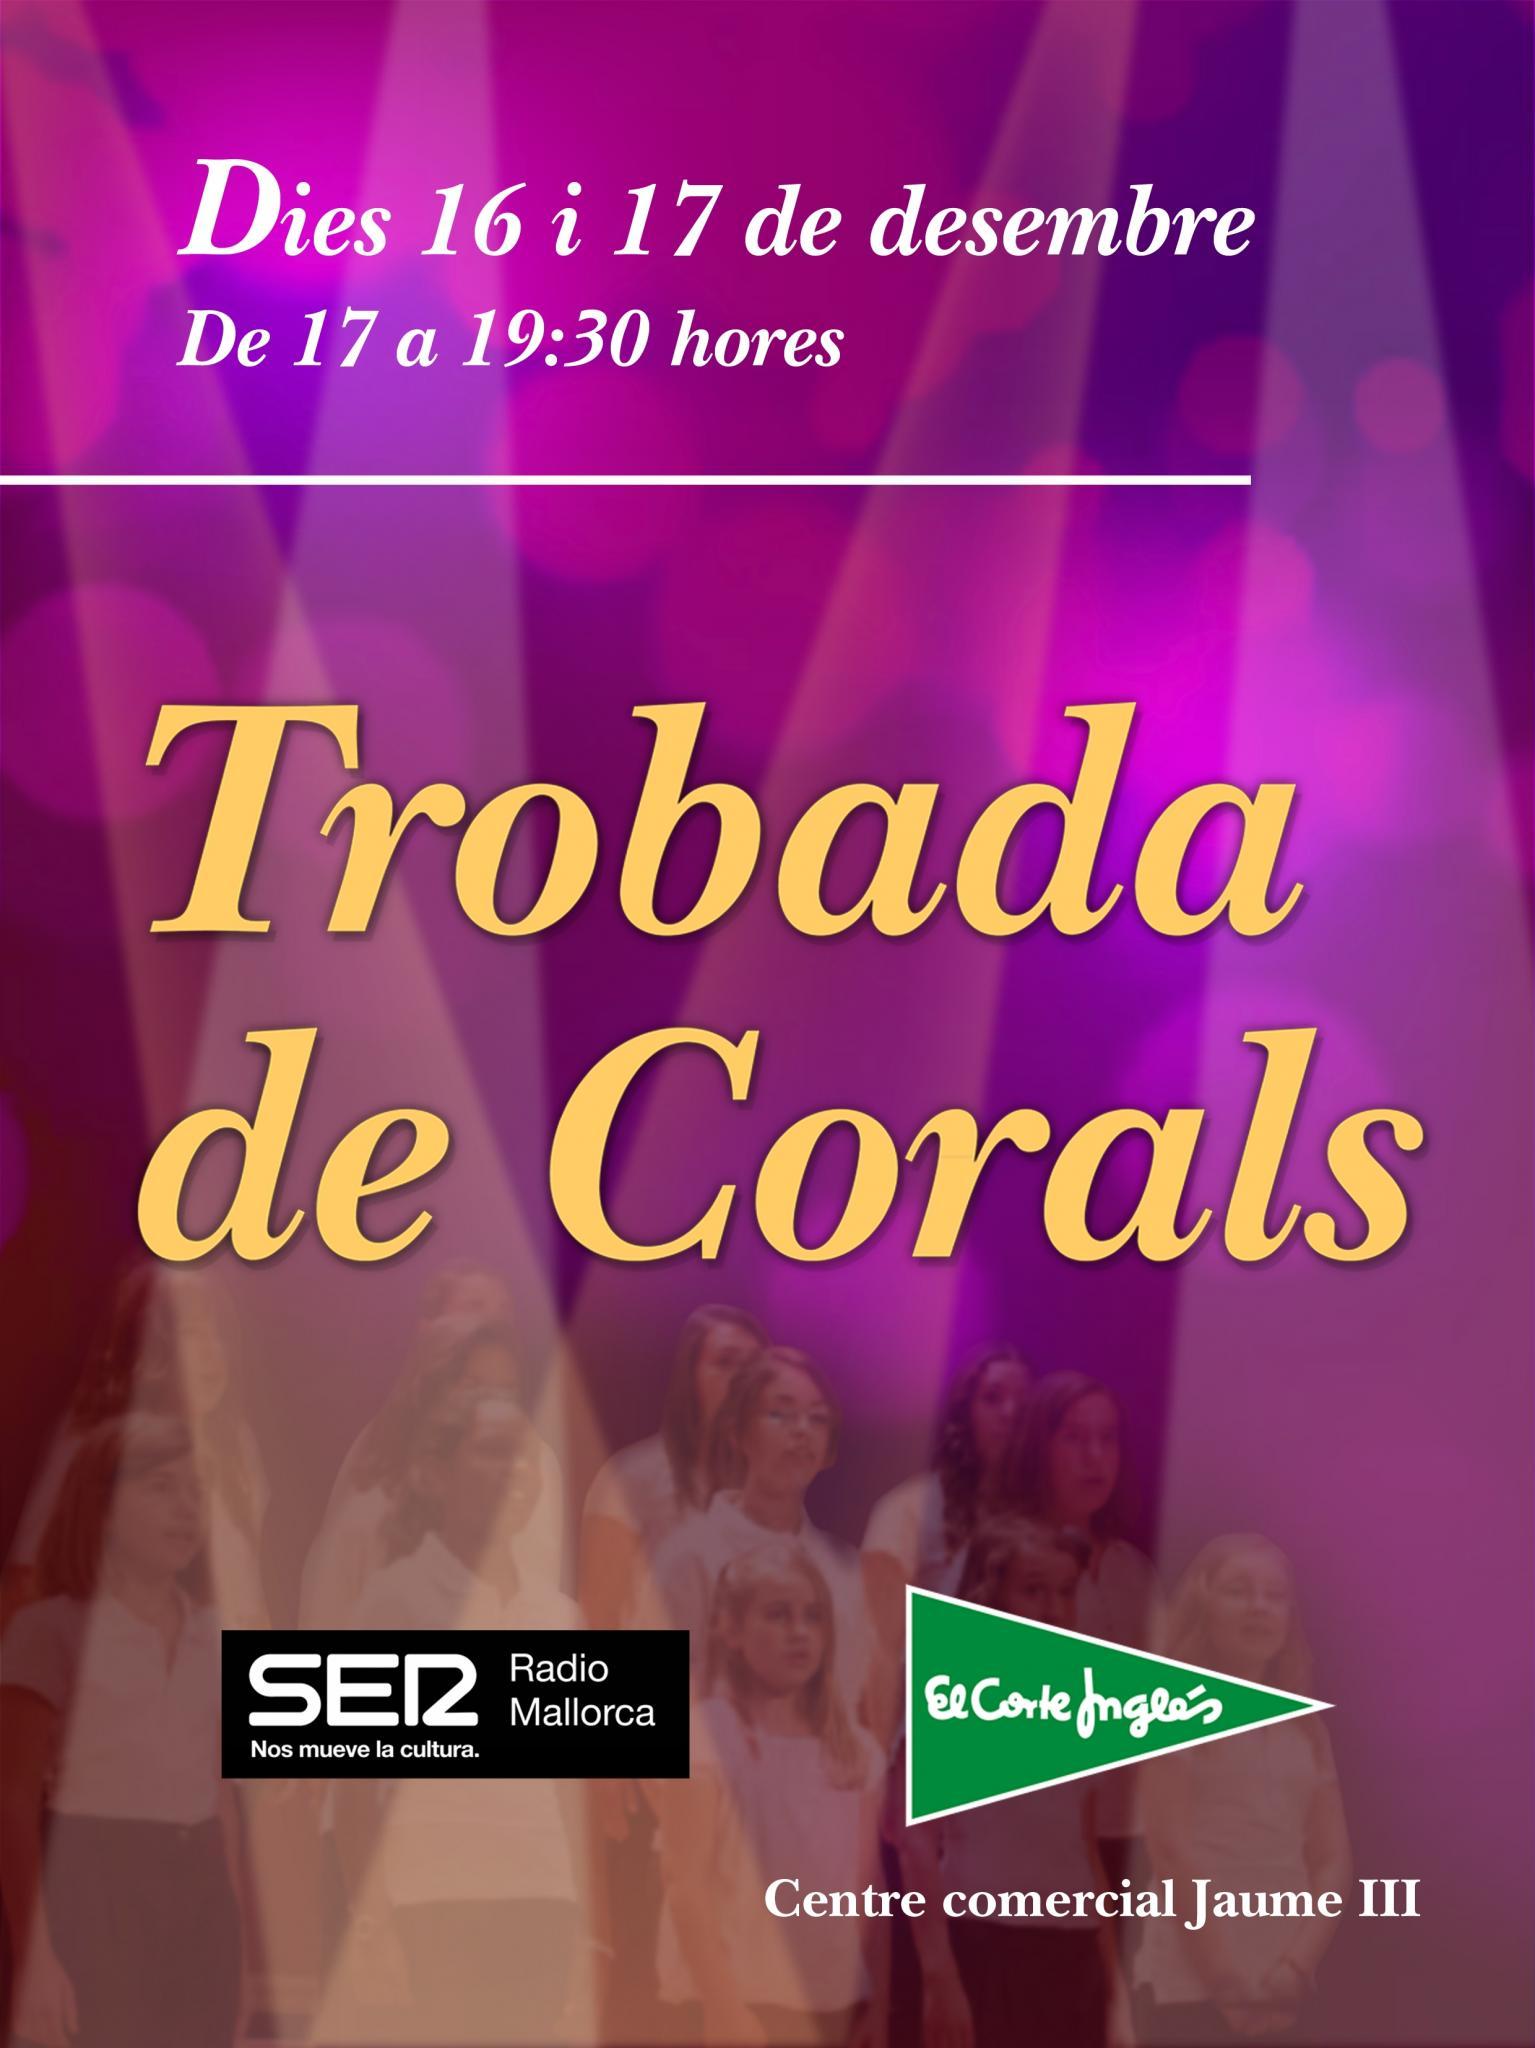 ba8e3d4e3 Der Radiosender Ser und das Kaufhaus El Corte Inglés organisieren dieses  Jahr zum zweiten Mal vorweihnachtliche Chorkonzerte. Insgesamt zehn Chöre  nehmen an ...